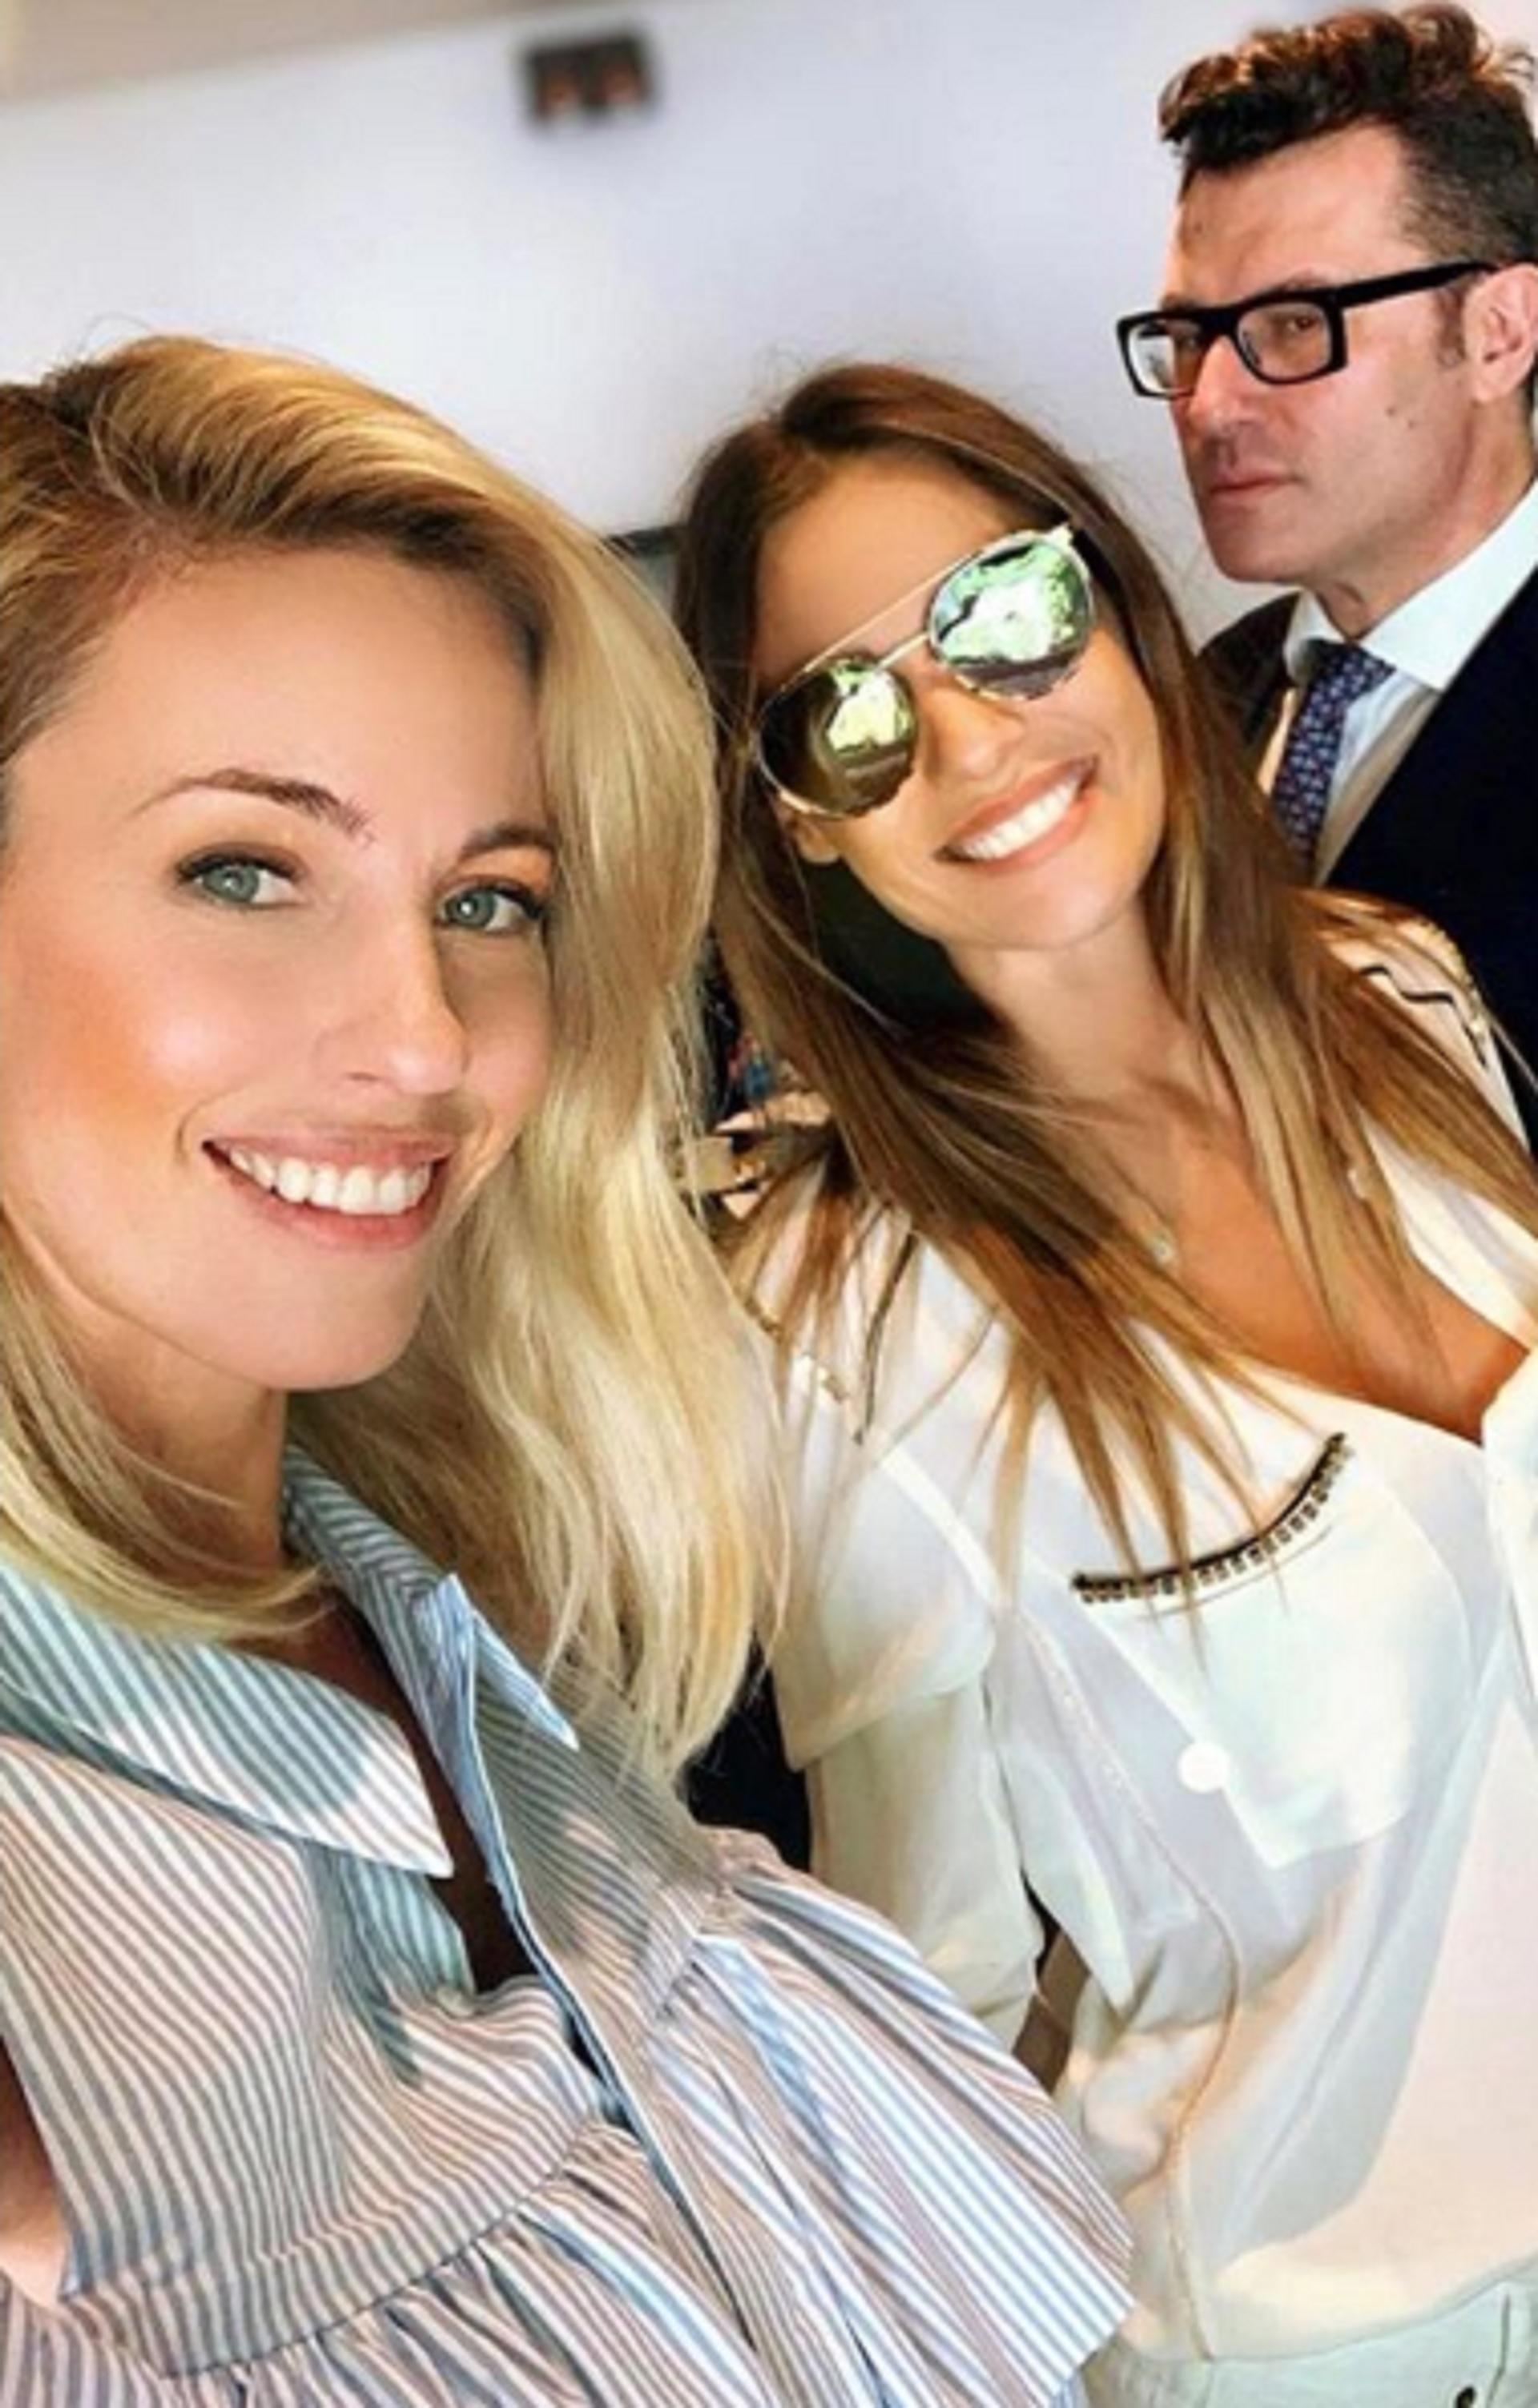 """Pampita regresa a la televisión y compartió una foto con Rocío Guirao Díaz y Gabriel Olivieri, quienes serán sus compañeros en el ciclo """"Pampita Online"""" (Foto: Instagram)"""